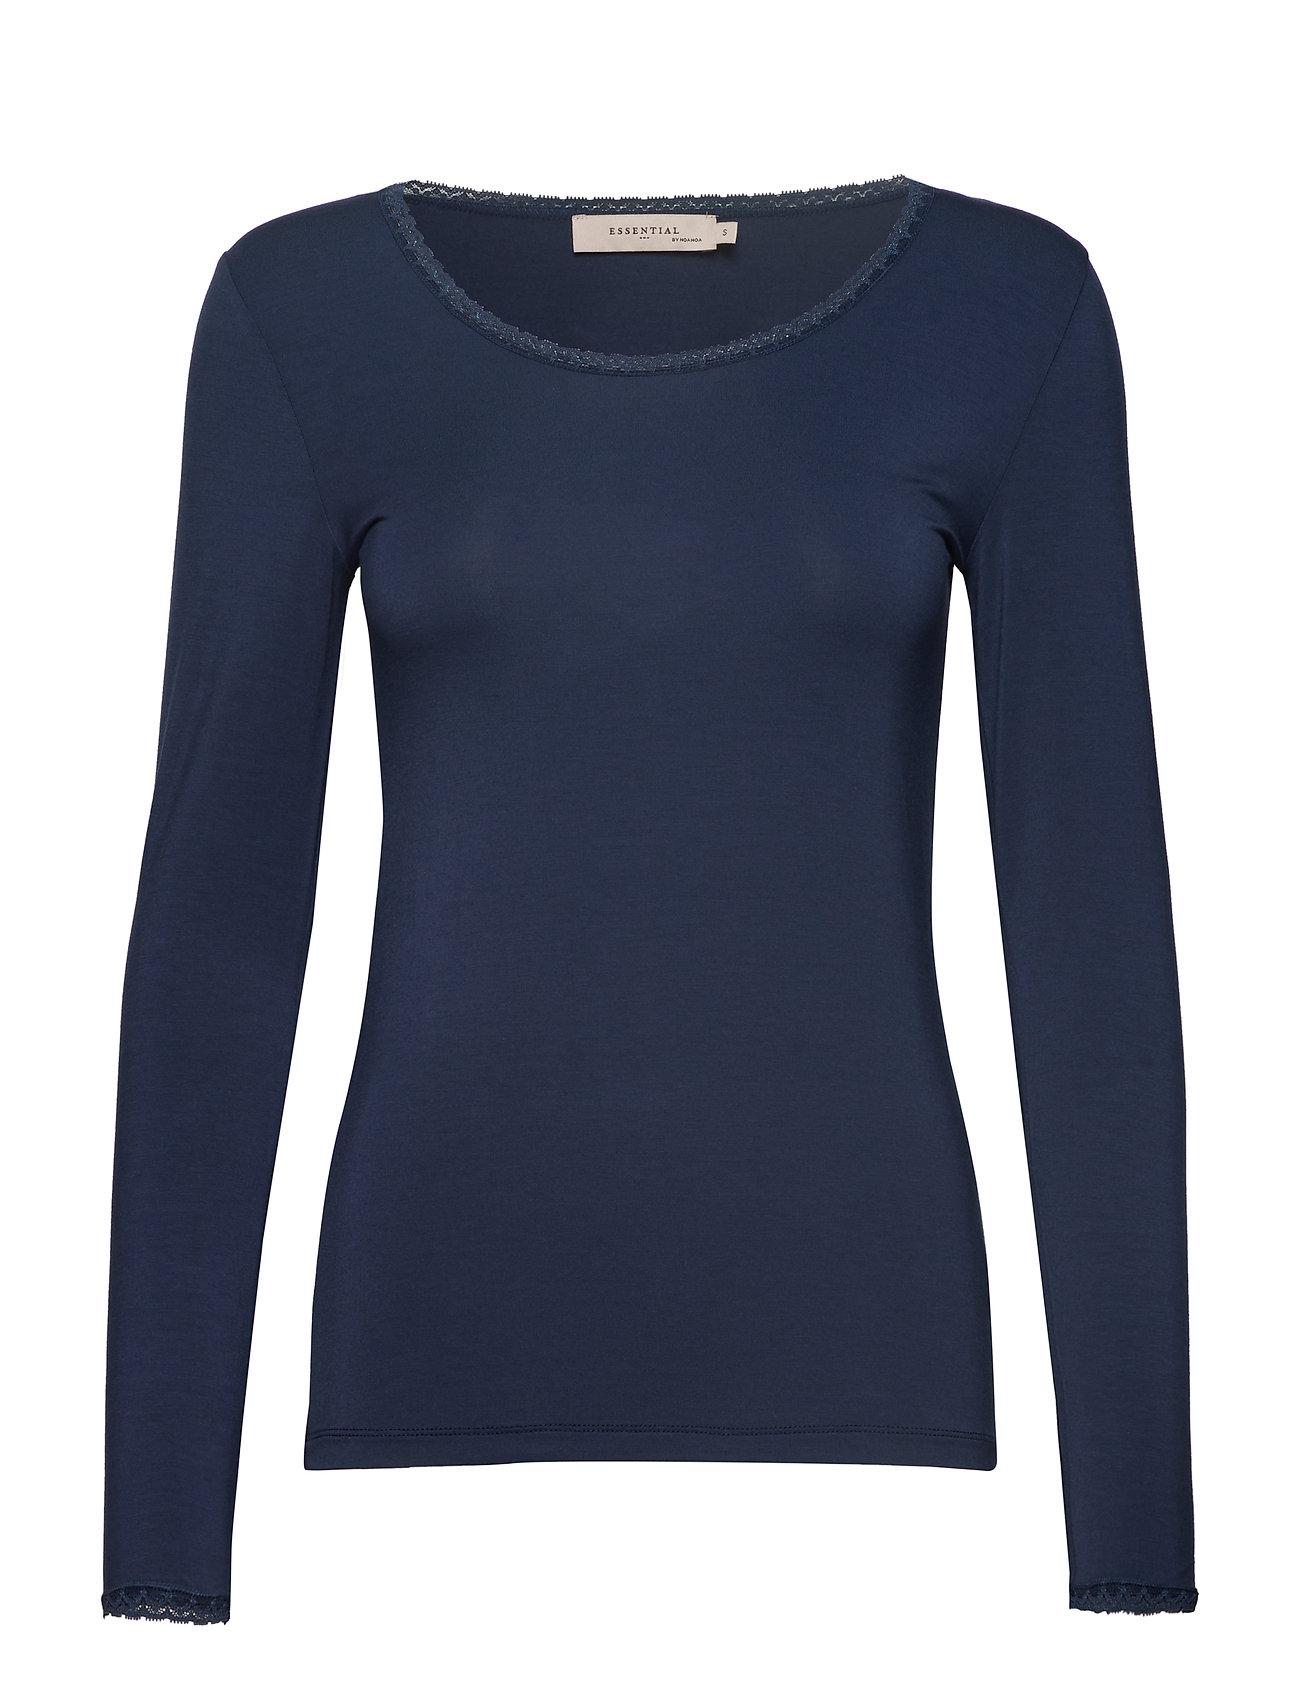 Noa Noa T-shirt - DRESS BLUES